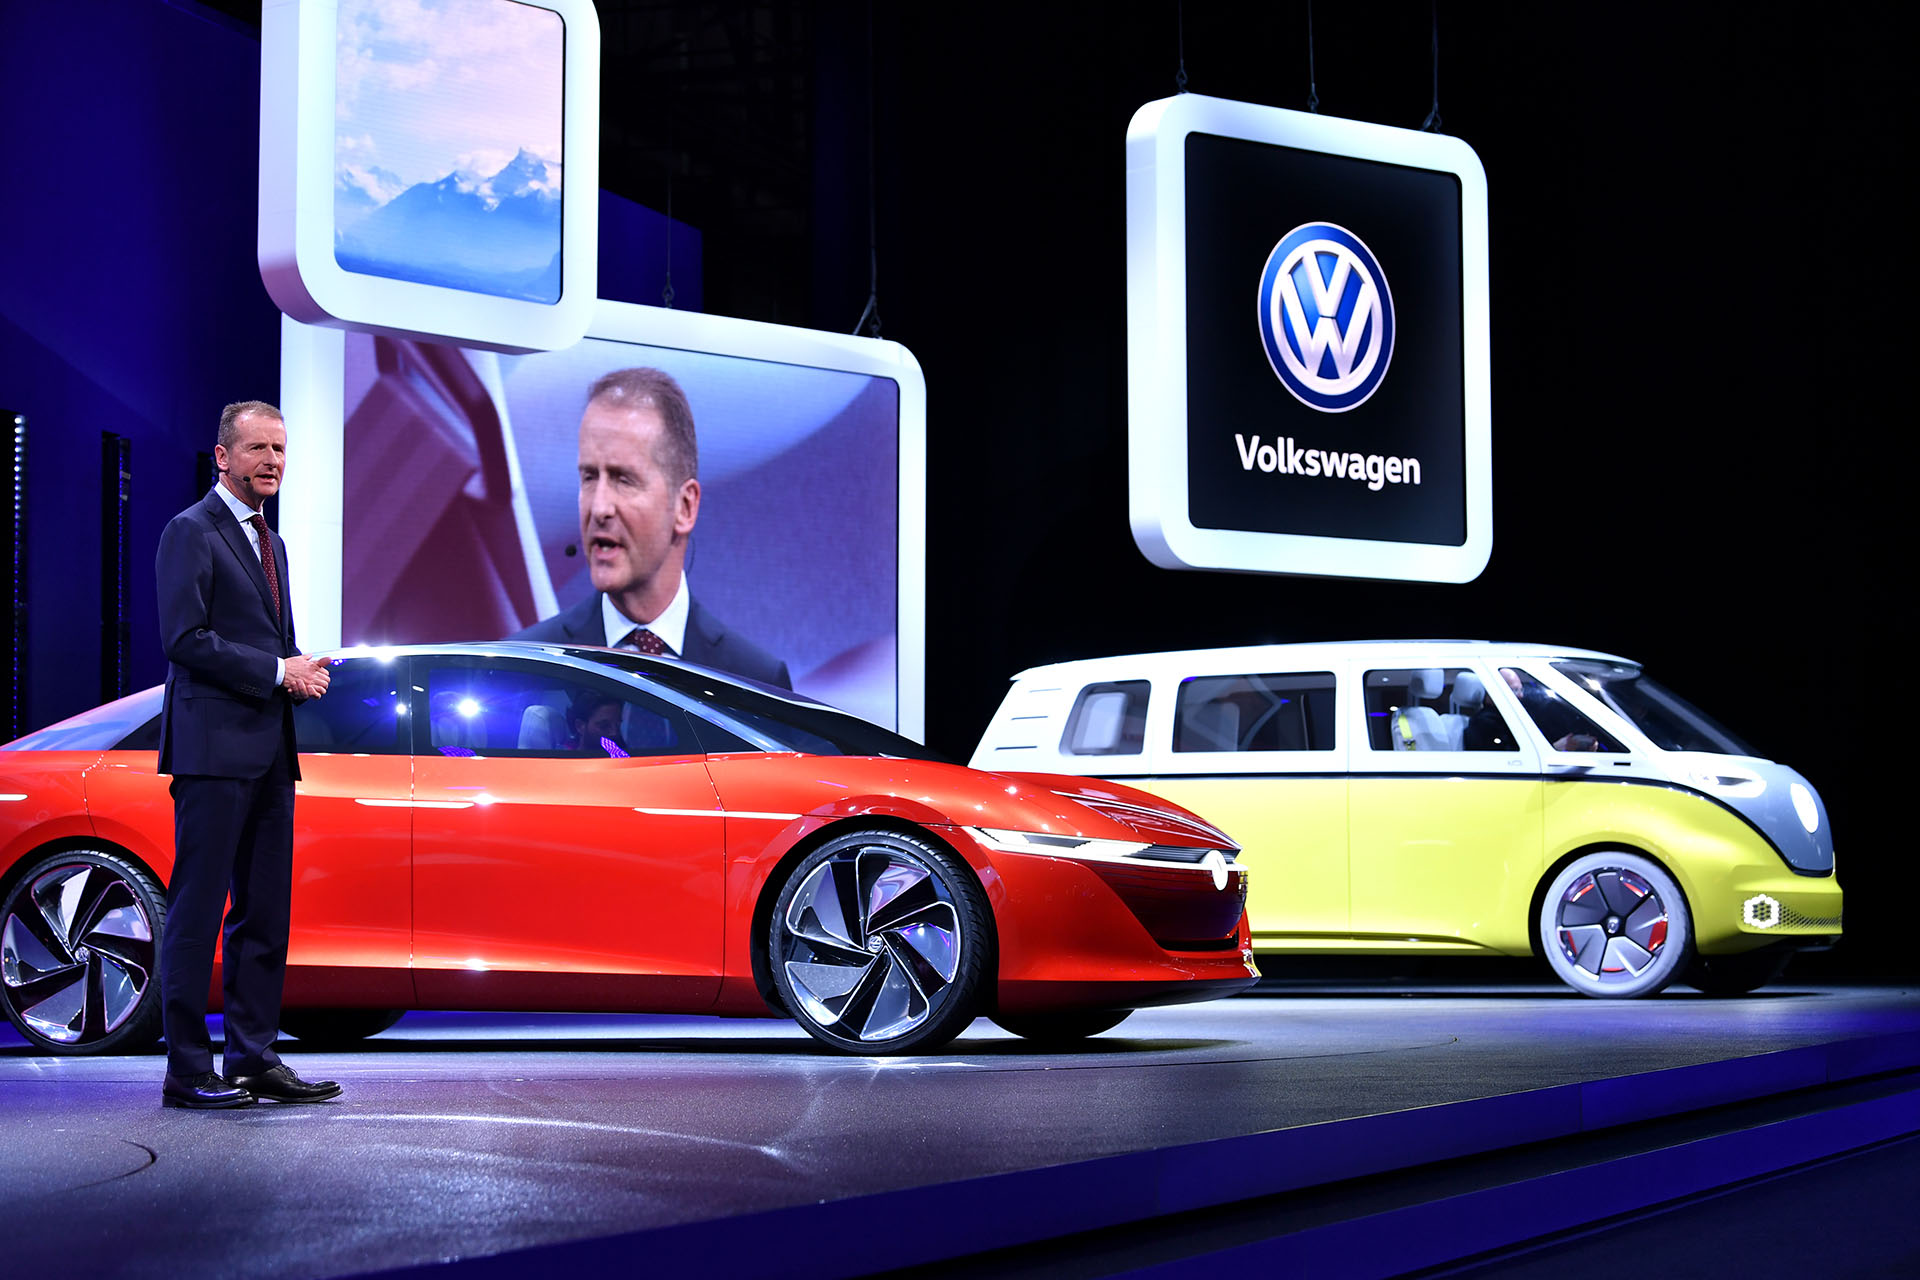 Hebert Diess, Presidente del Consejo de Administración y CEO de Volkswagen, brindó una breve conferencia en la que destapó las dos cartas futuristas de la marca: el Volkswagen I.D. Vizzion y el Volkswagen I.D. Buzz que ya exhibió en salones anteriores